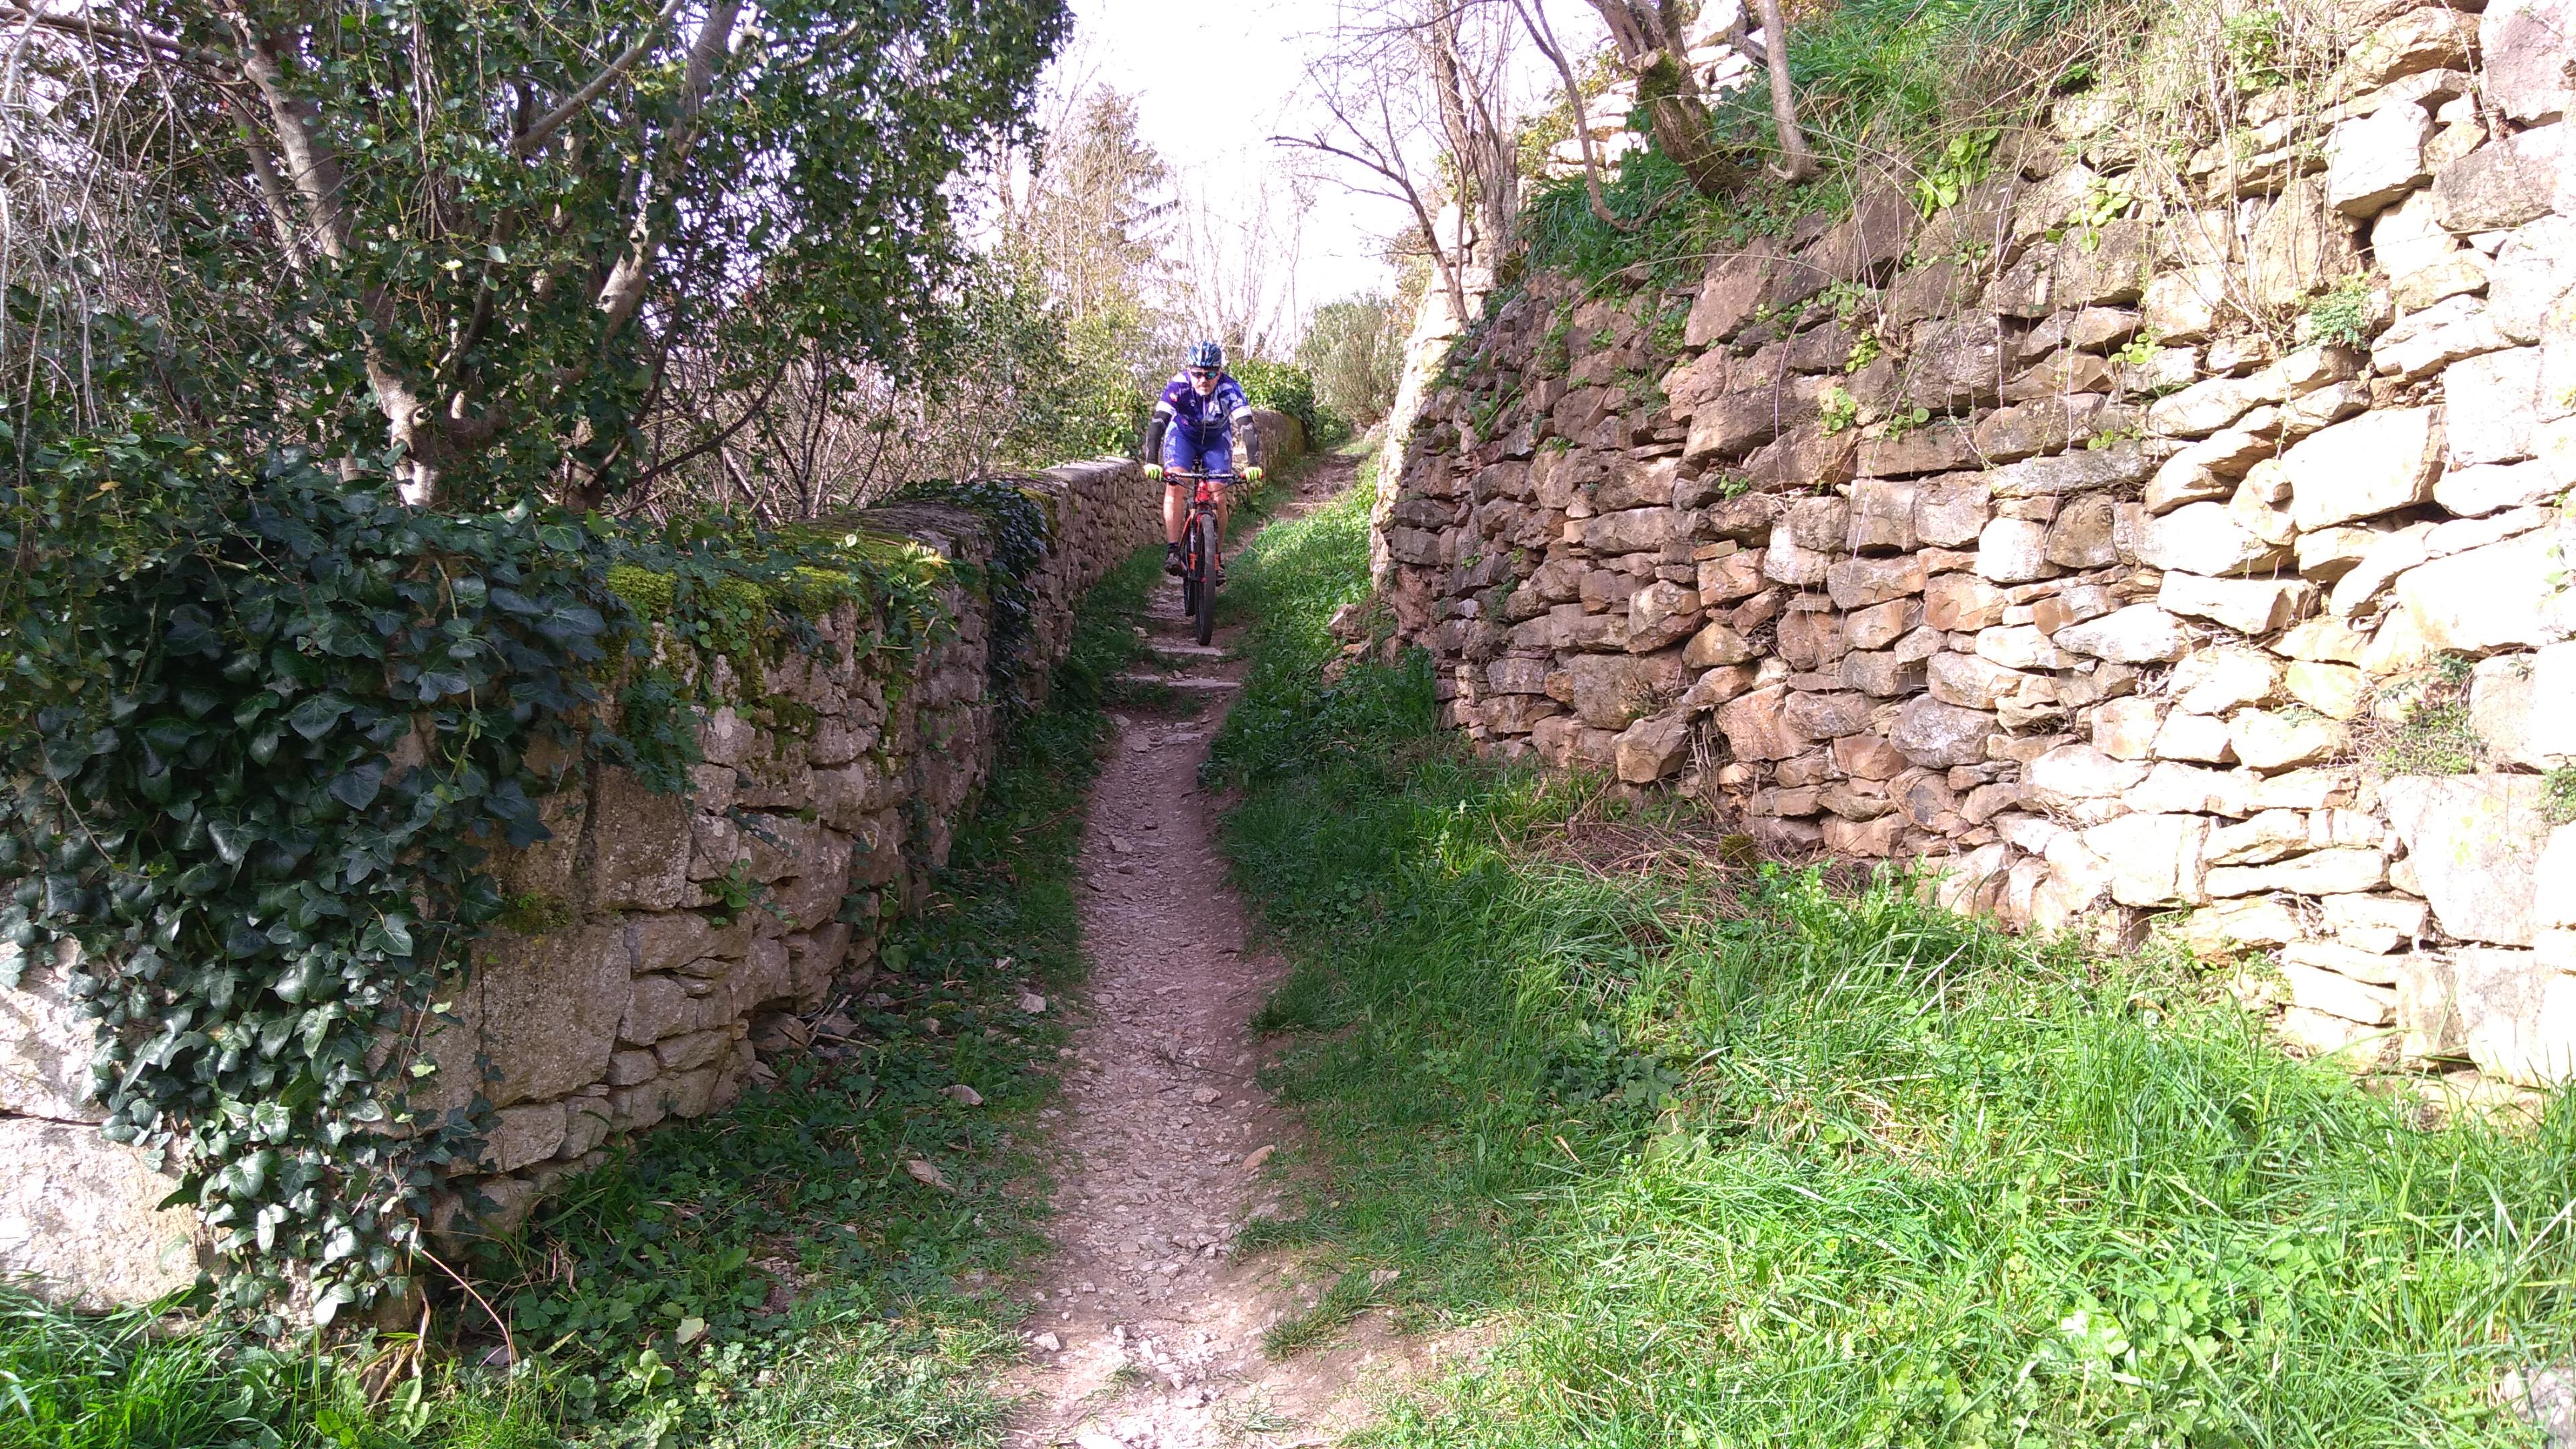 José dans la descente du circuit pédestre de Bruniquel.